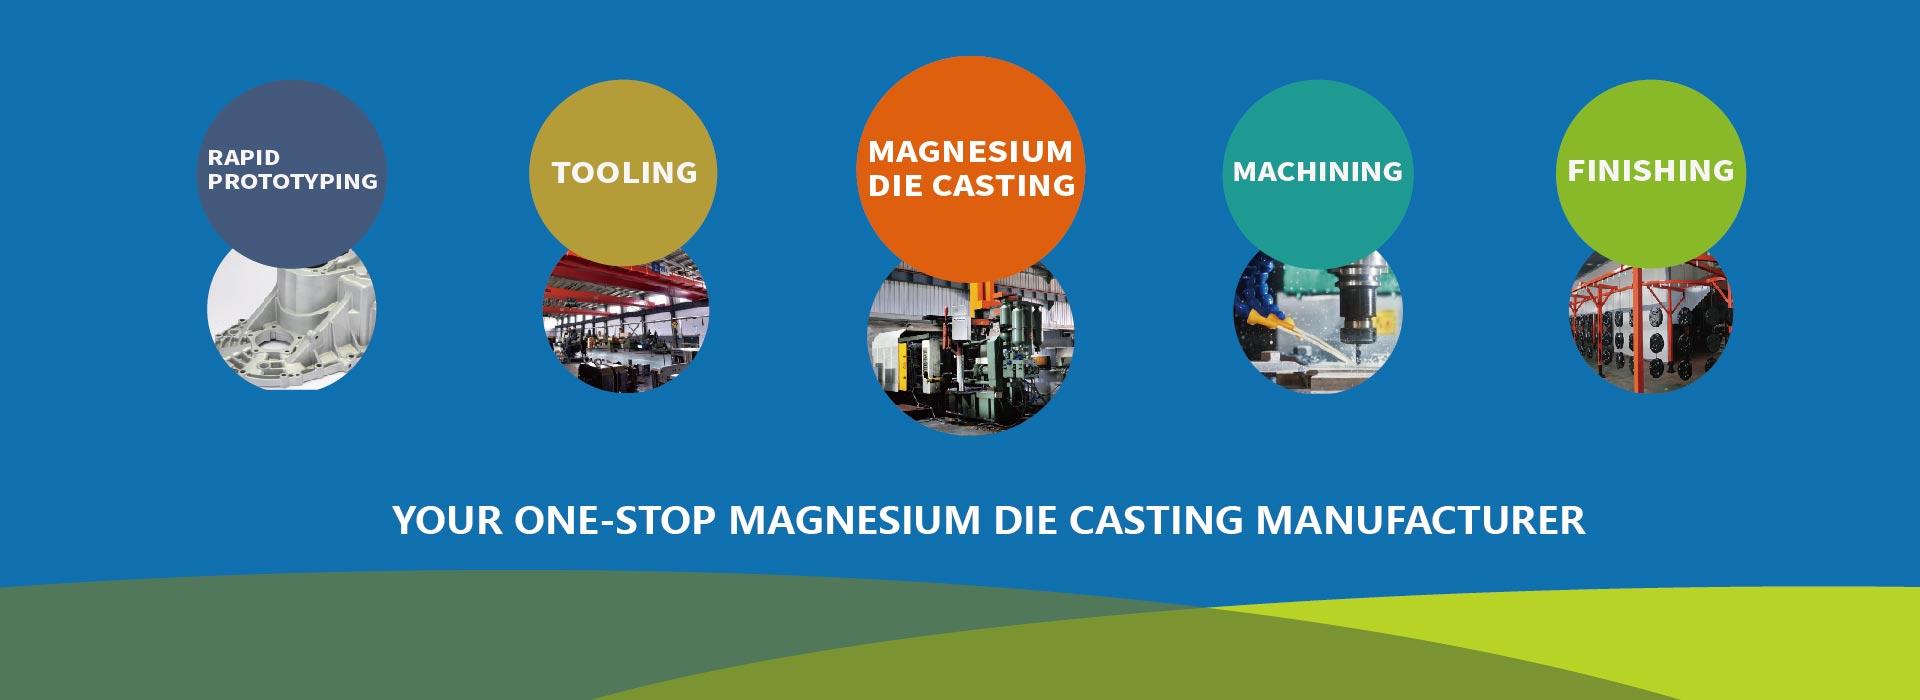 MAGNESIUM DIE CASTING BANNER-01